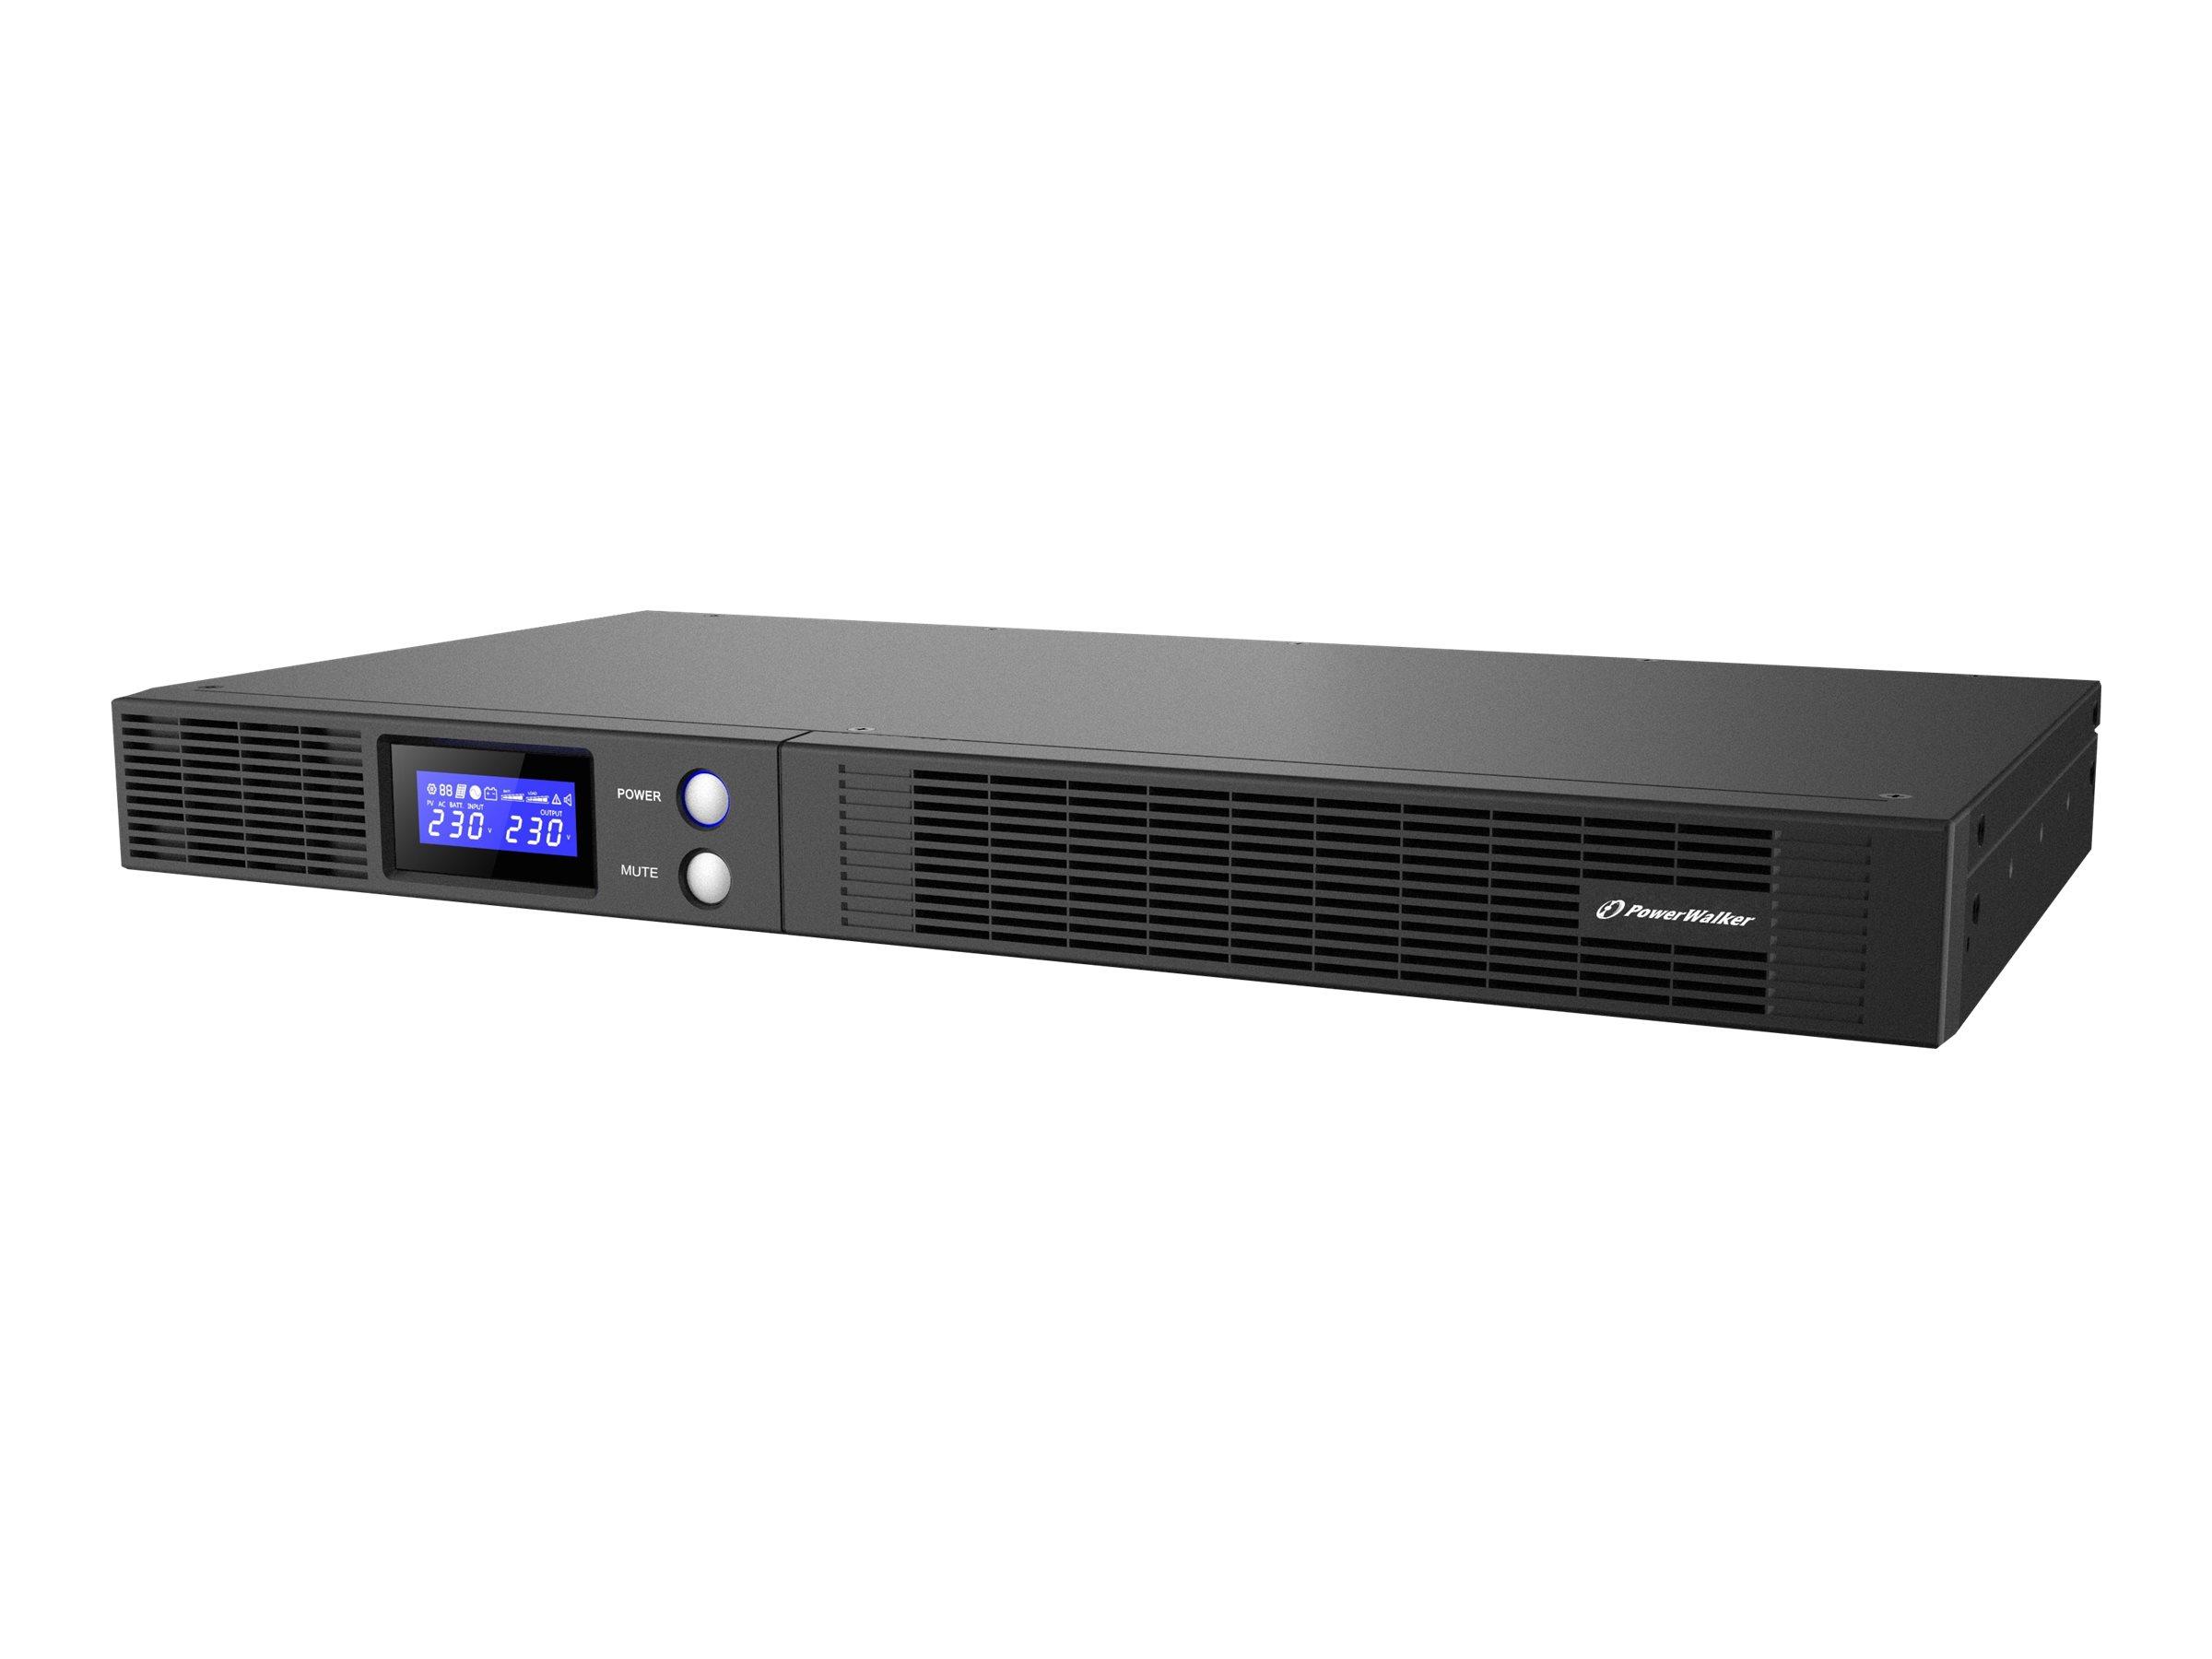 """Bluewalker PowerWalker VI 750 R1U - USV (Rack - einbaufähig) - AC 165-290 V - 450 Watt - 750 VA 9 Ah - RS-232, USB - Ausgangsanschlüsse: 4 - 1U - 48.3 cm (19"""")"""